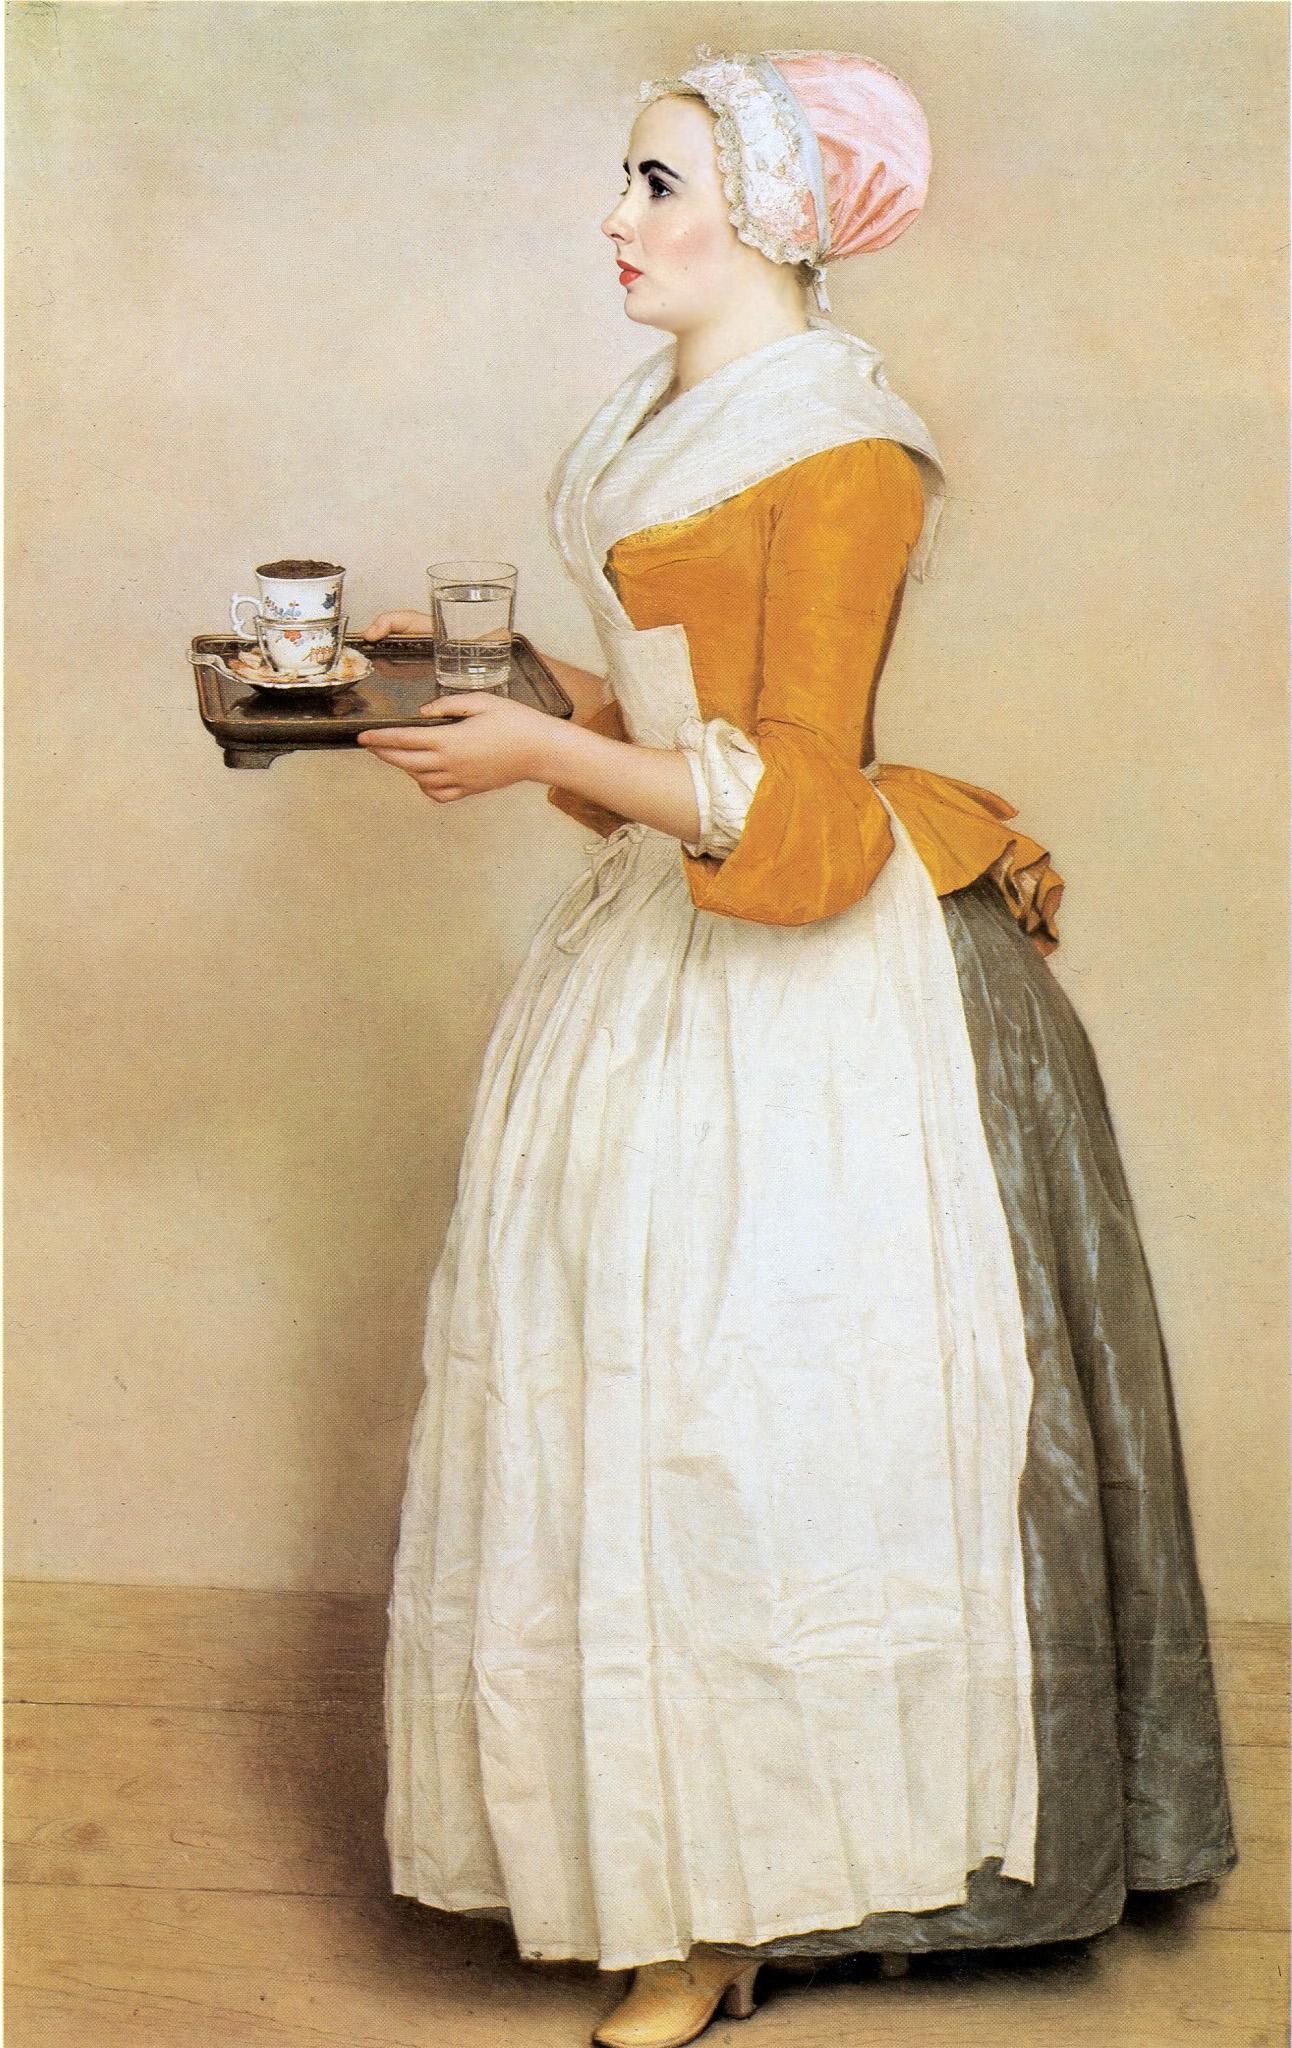 The cokelat Girl